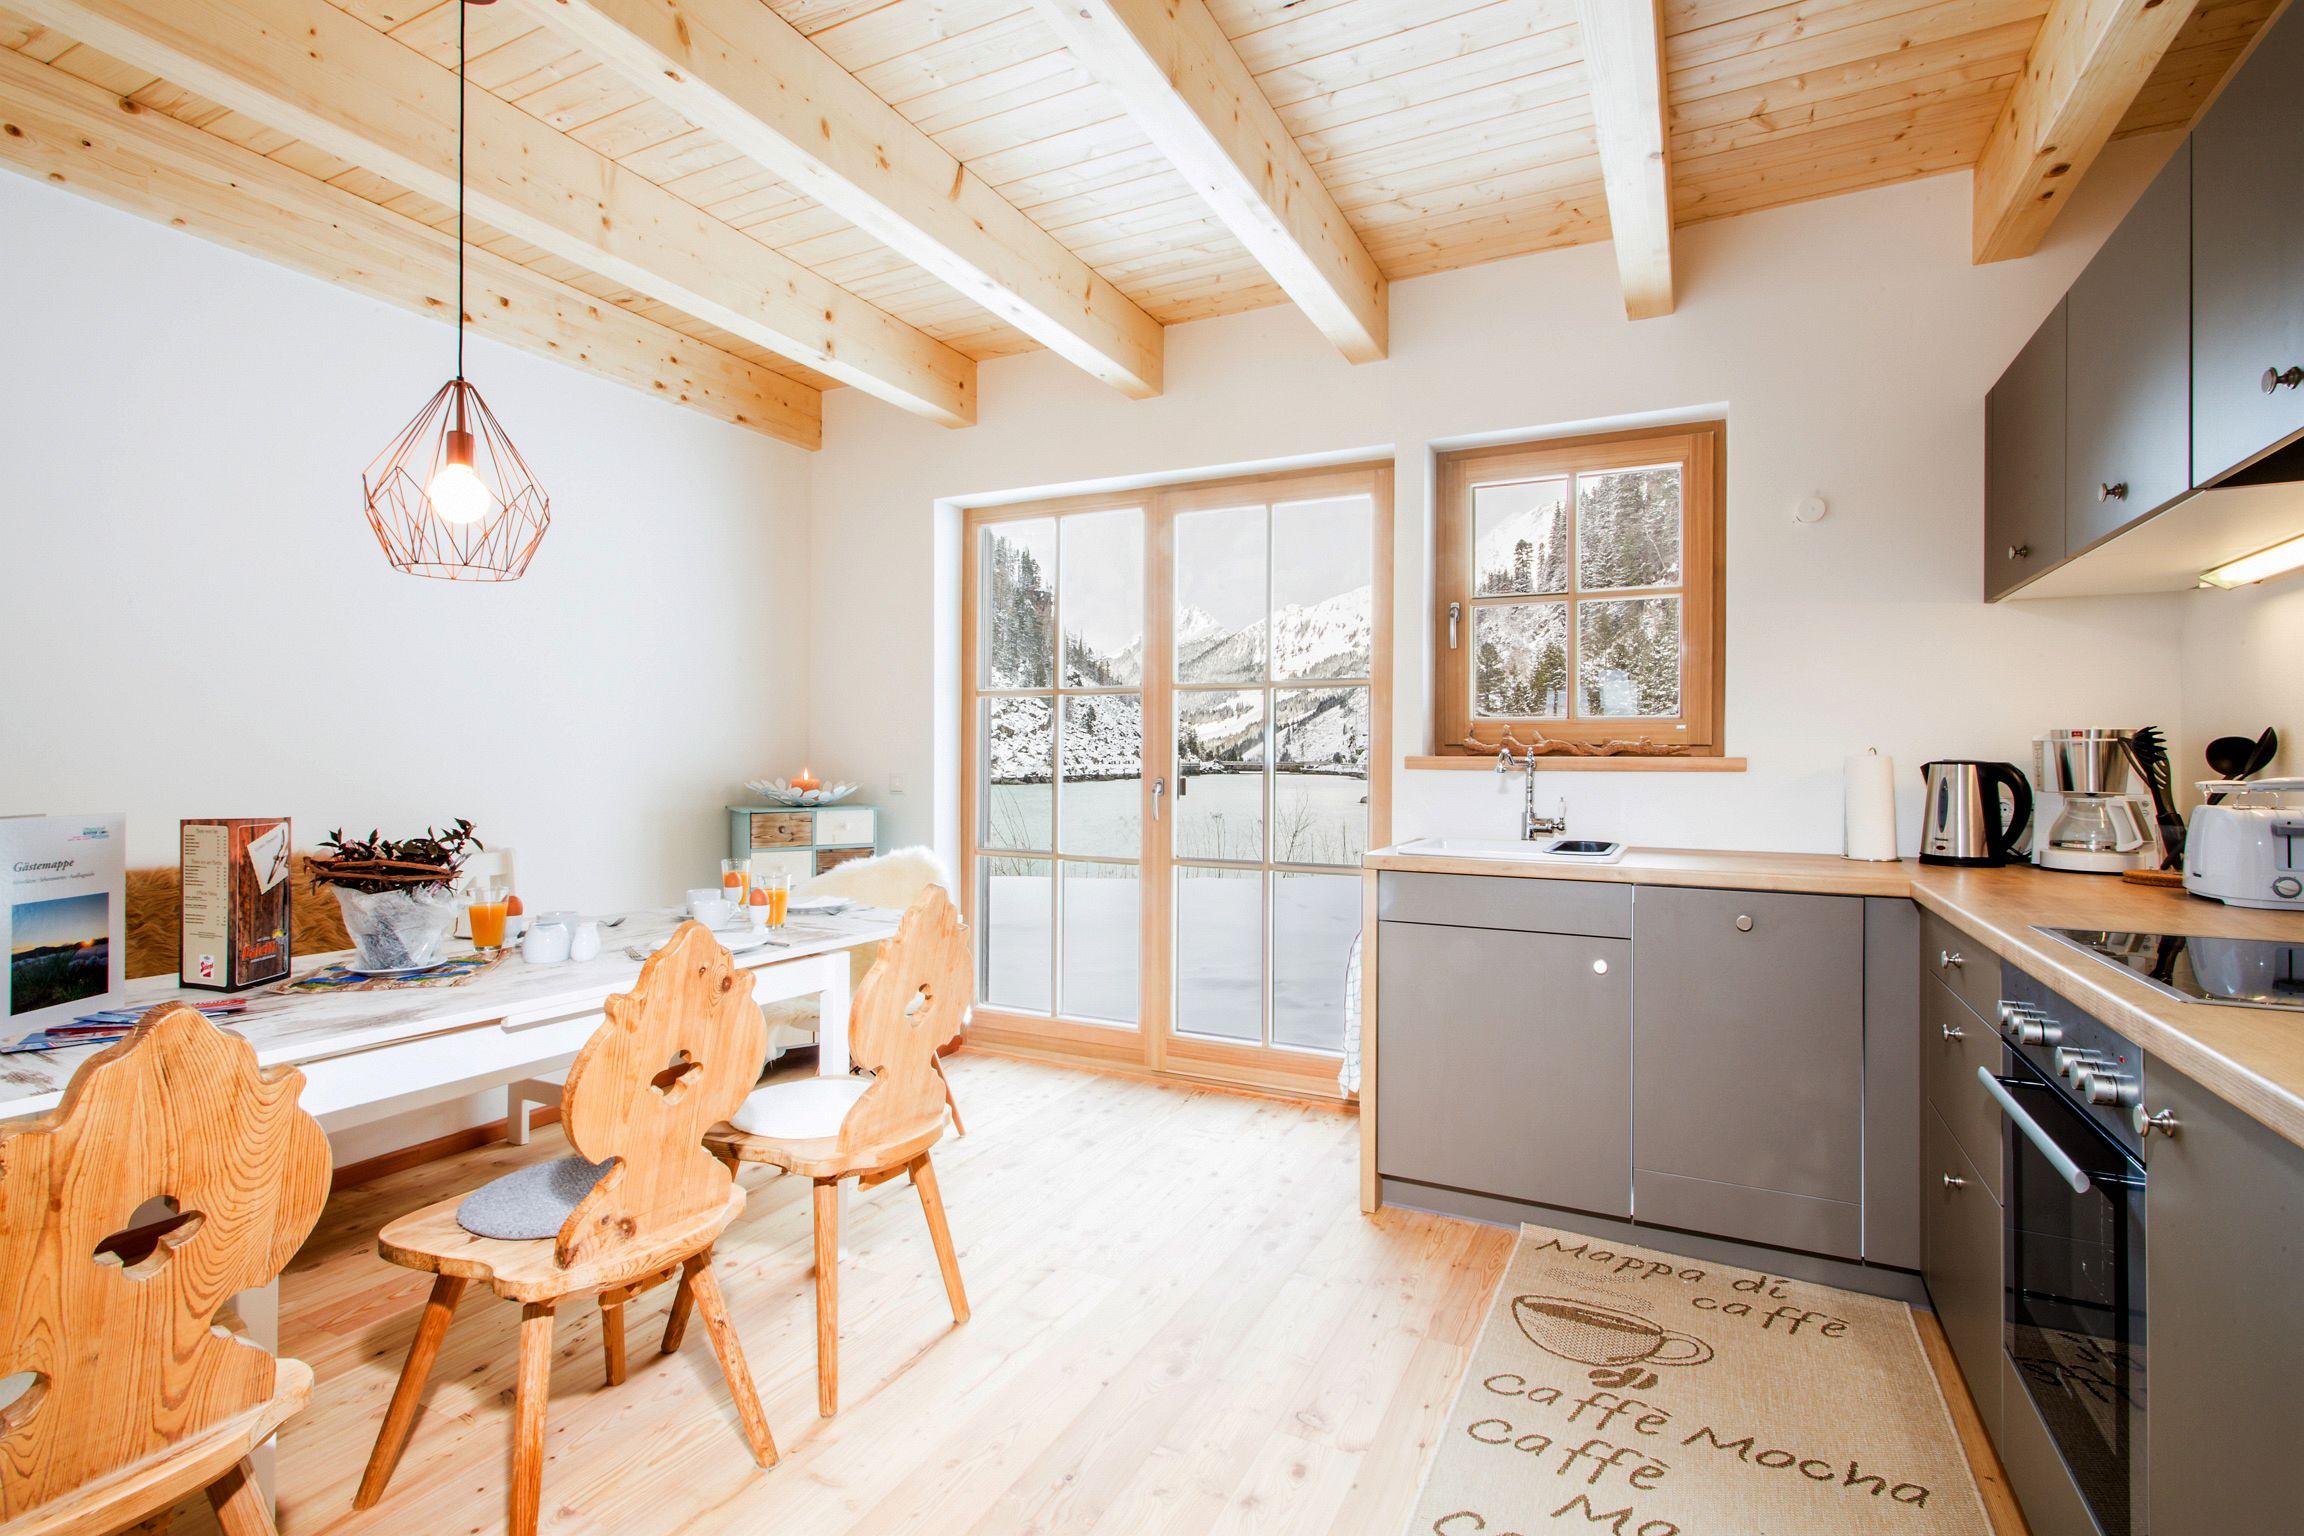 Maison de vacances Lodge Wildrose, direkt am Skilift für 6-8 (2050392), Uttendorf, Pinzgau, Salzbourg, Autriche, image 31